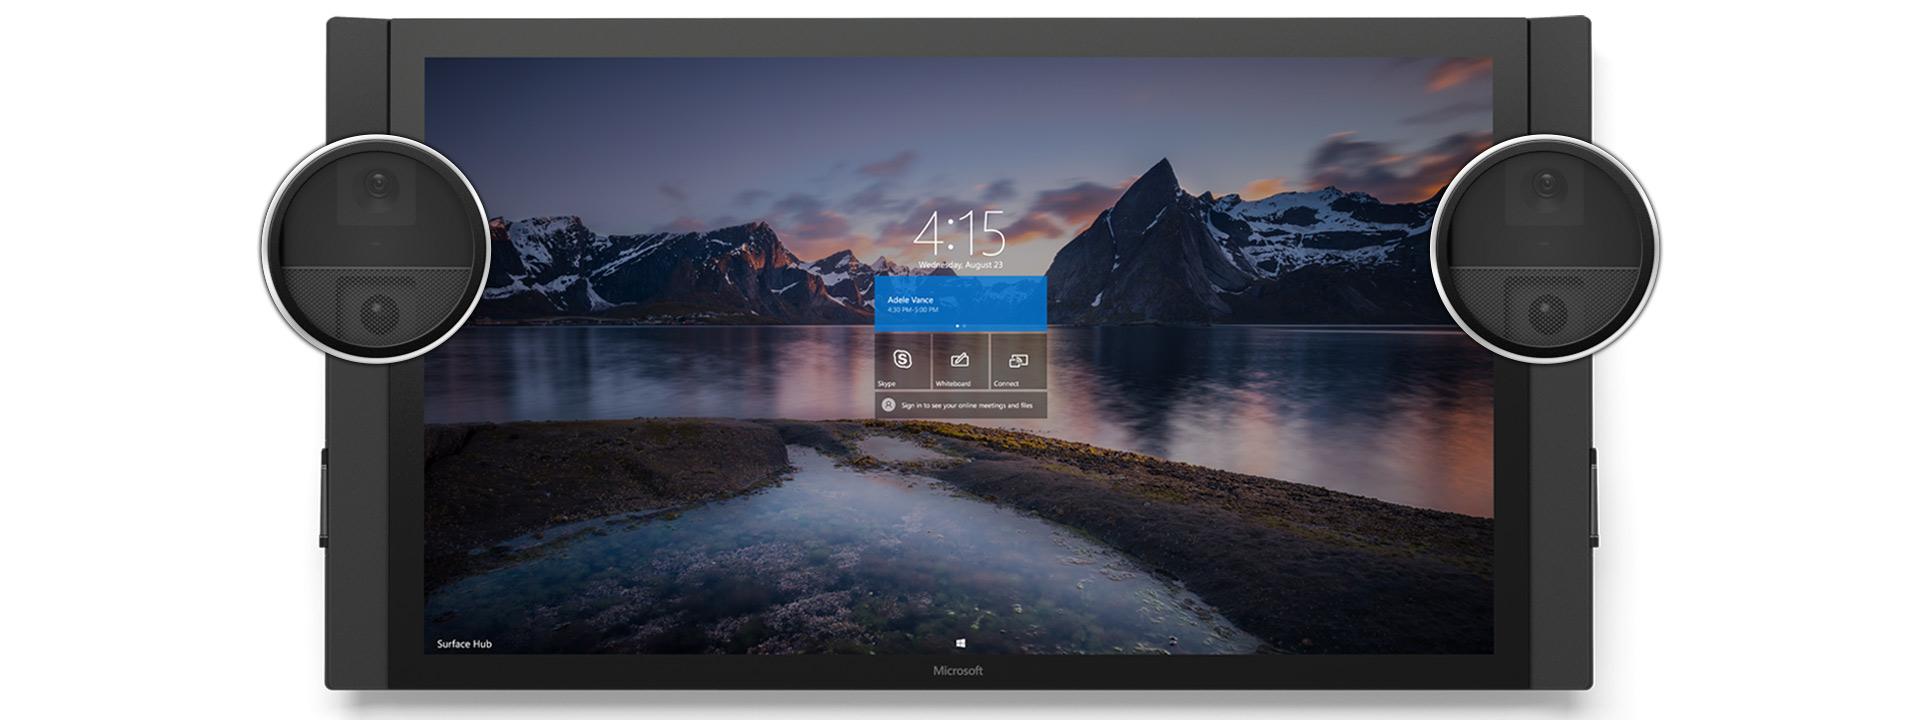 Vy framifrån av Surface Hub med startskärm med naturtema, med kameror och sensorer förstorade.